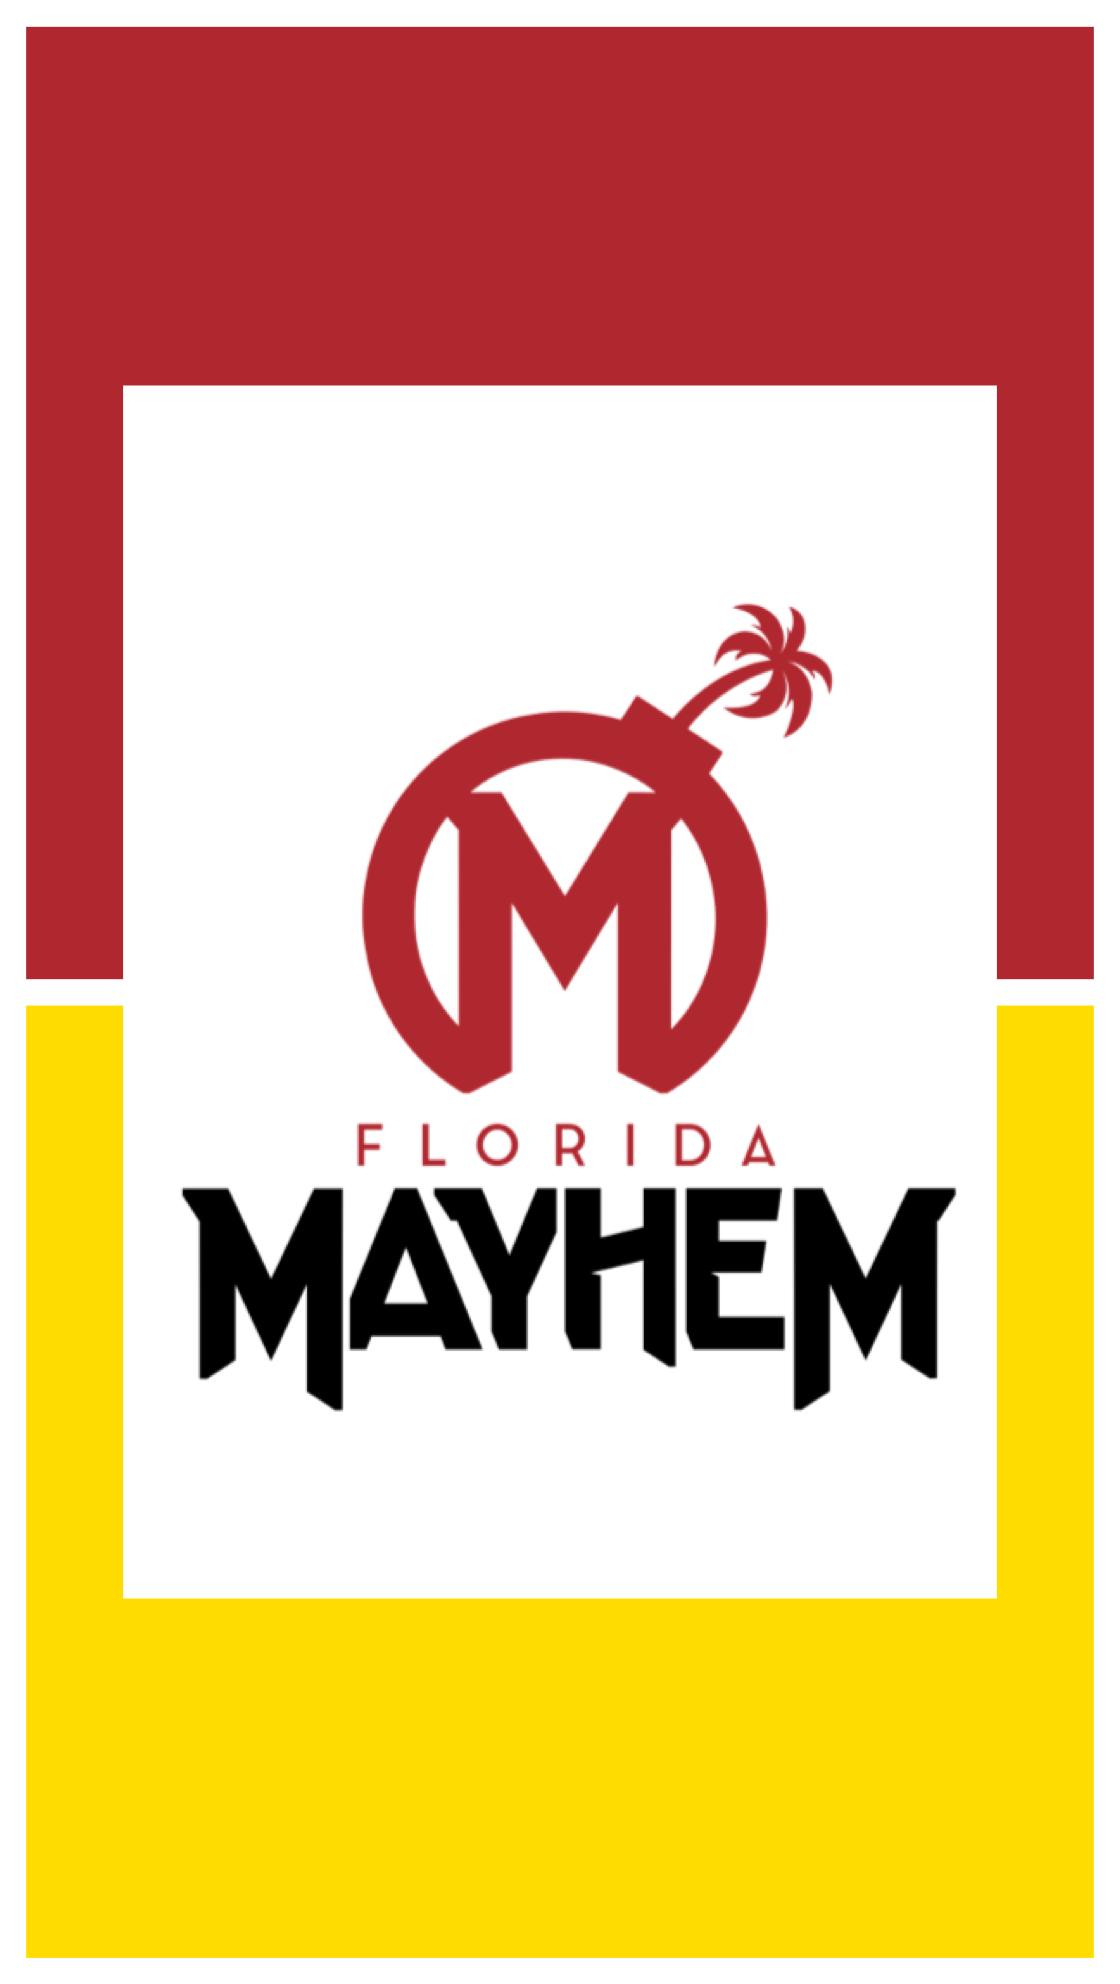 Florida Mayhem Overwatch Florida Mayhem